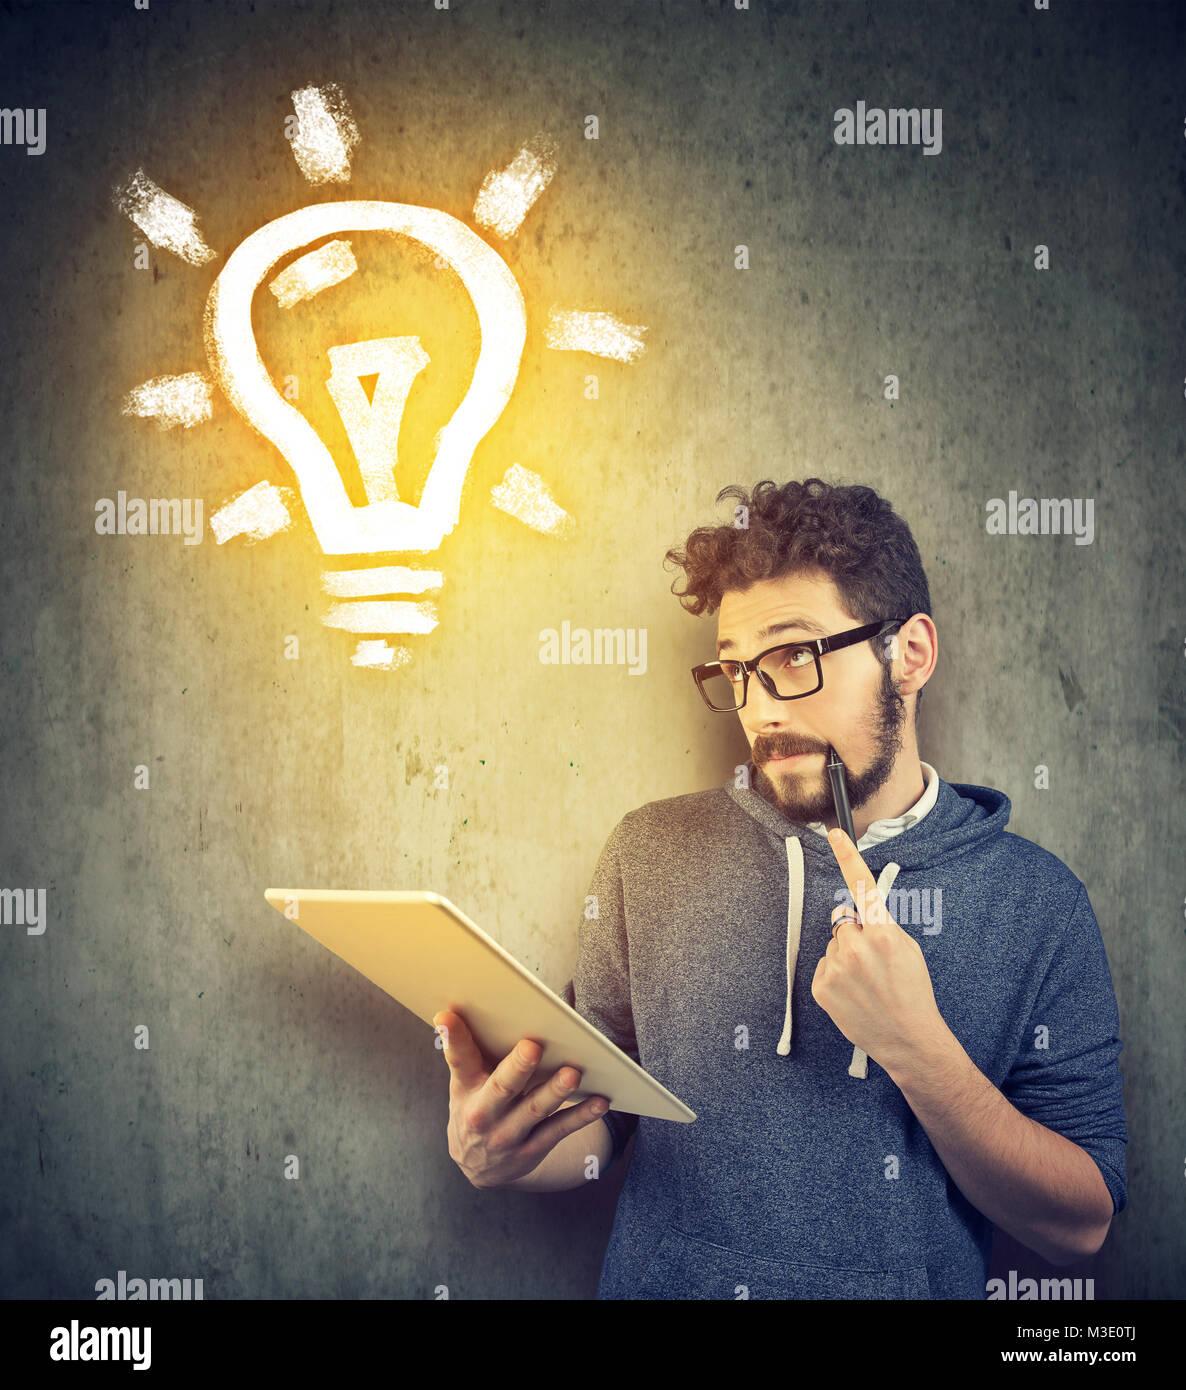 Joven estudiante casual con tablet y creando una nueva idea mirando hacia arriba. Imagen De Stock